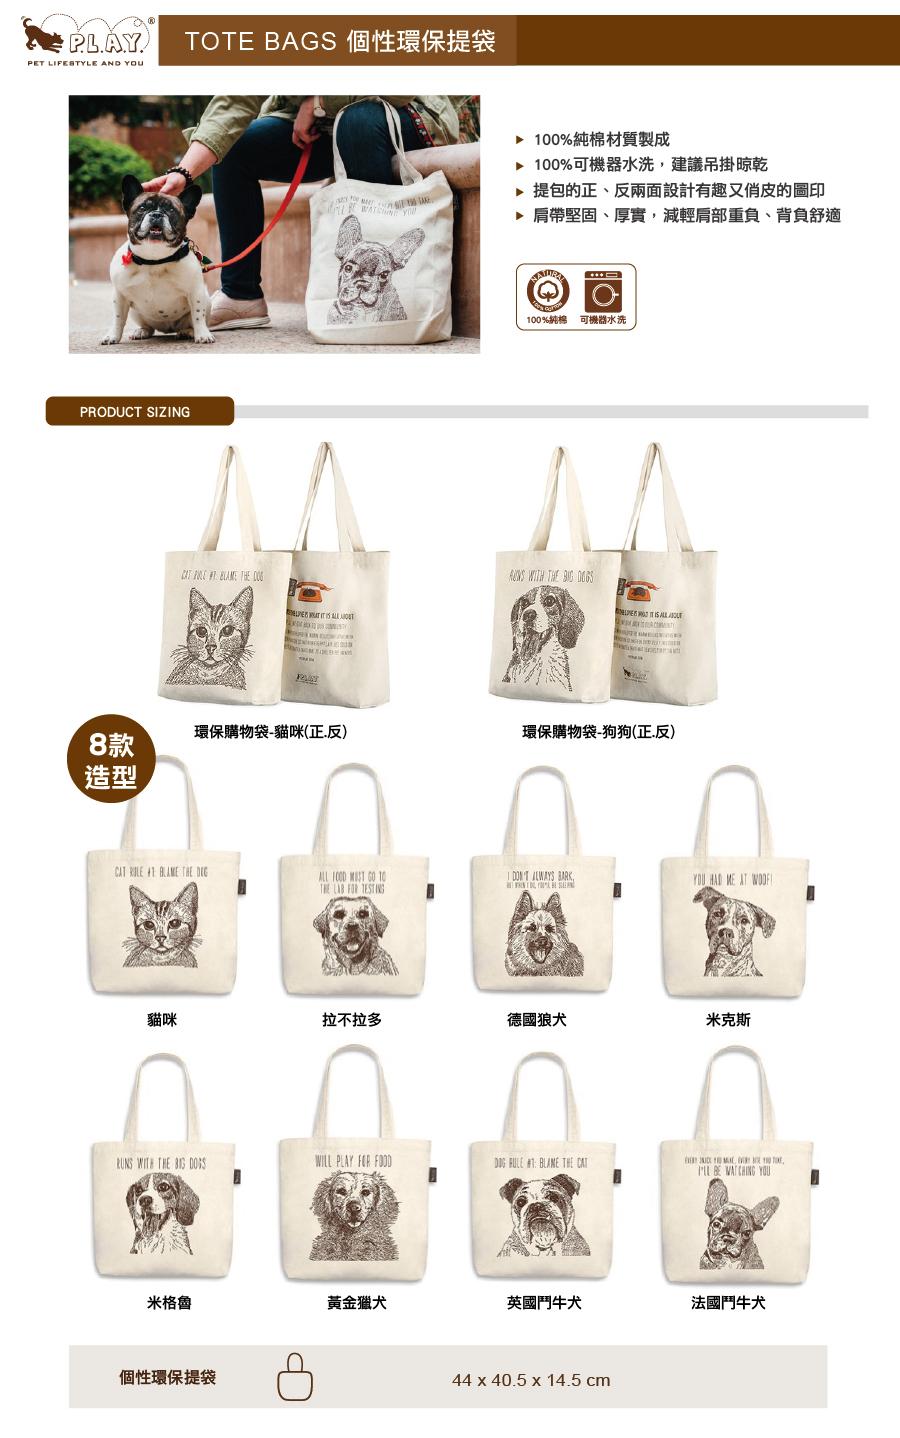 美國 P.L.A.Y. 環保購物袋 法國鬥牛犬